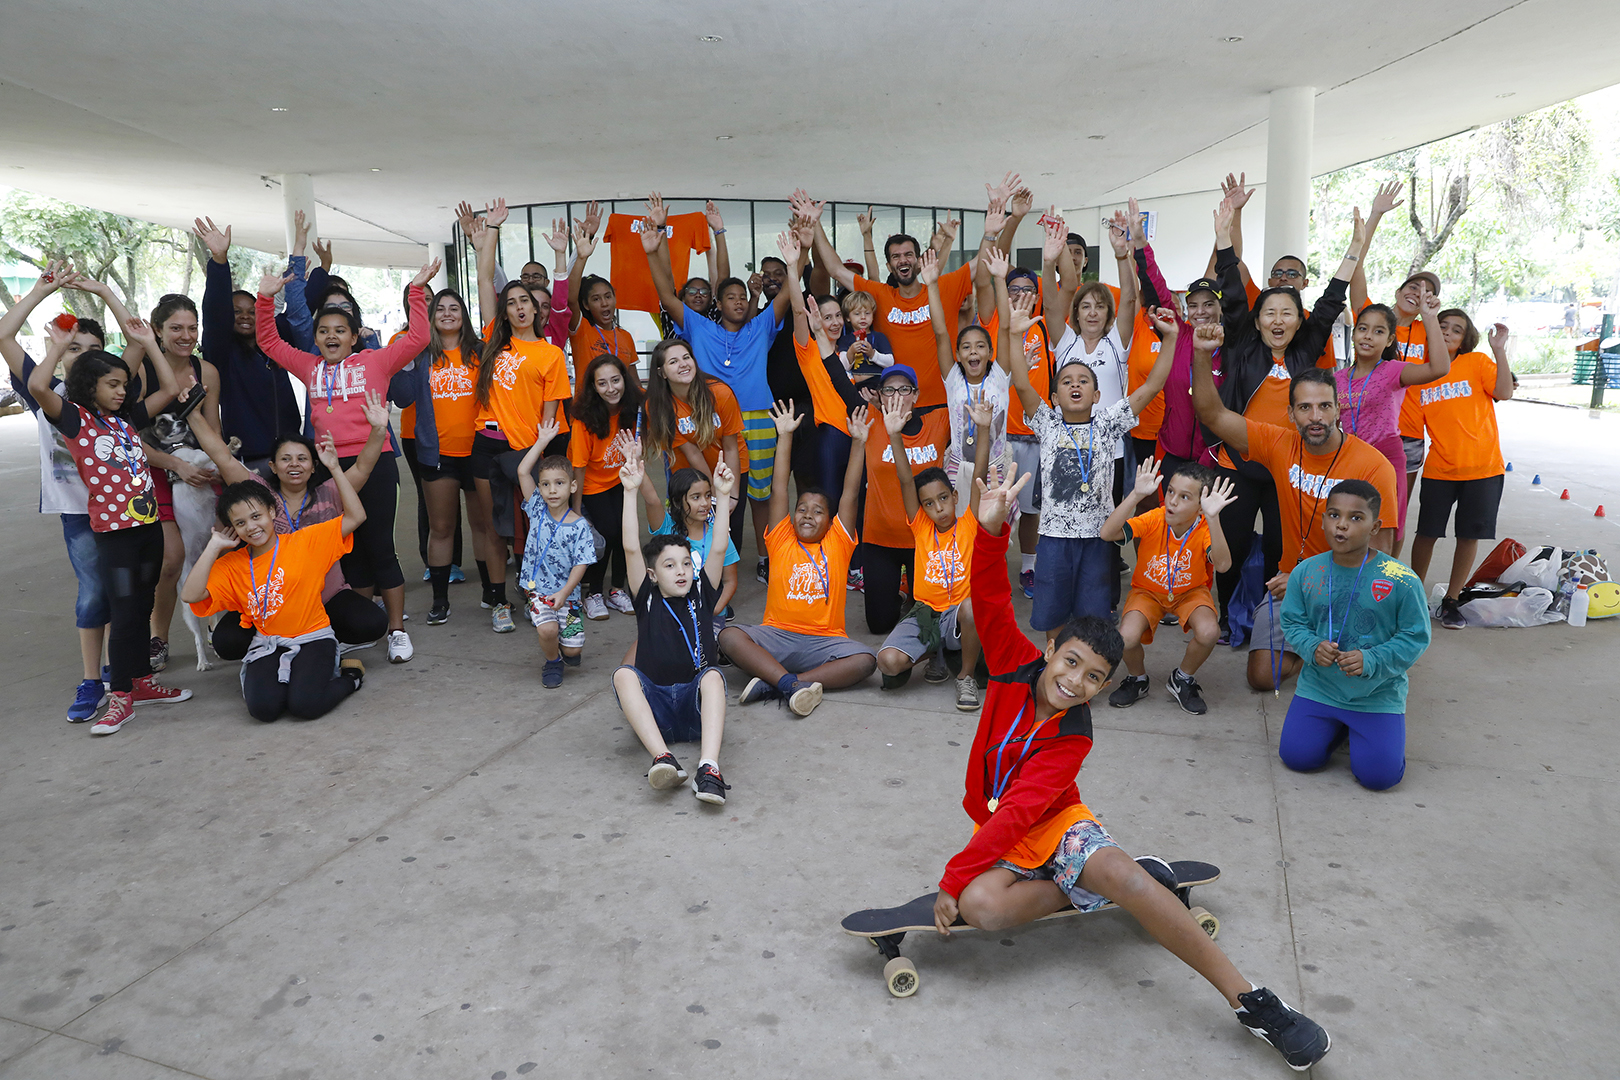 Jovens acolhidos participam de corrida no Parque Ibirapuera